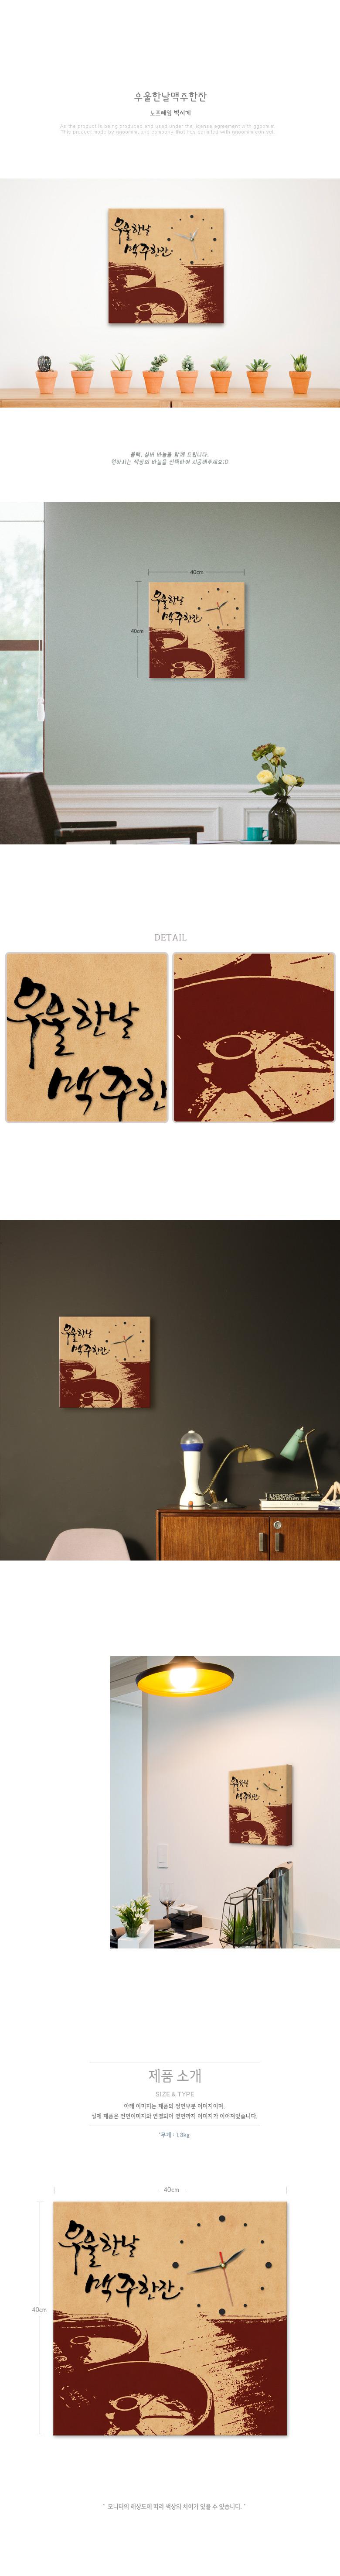 it063-우울한날맥주한잔_노프레임벽시계 - 꾸밈, 29,600원, 벽시계, 디자인벽시계